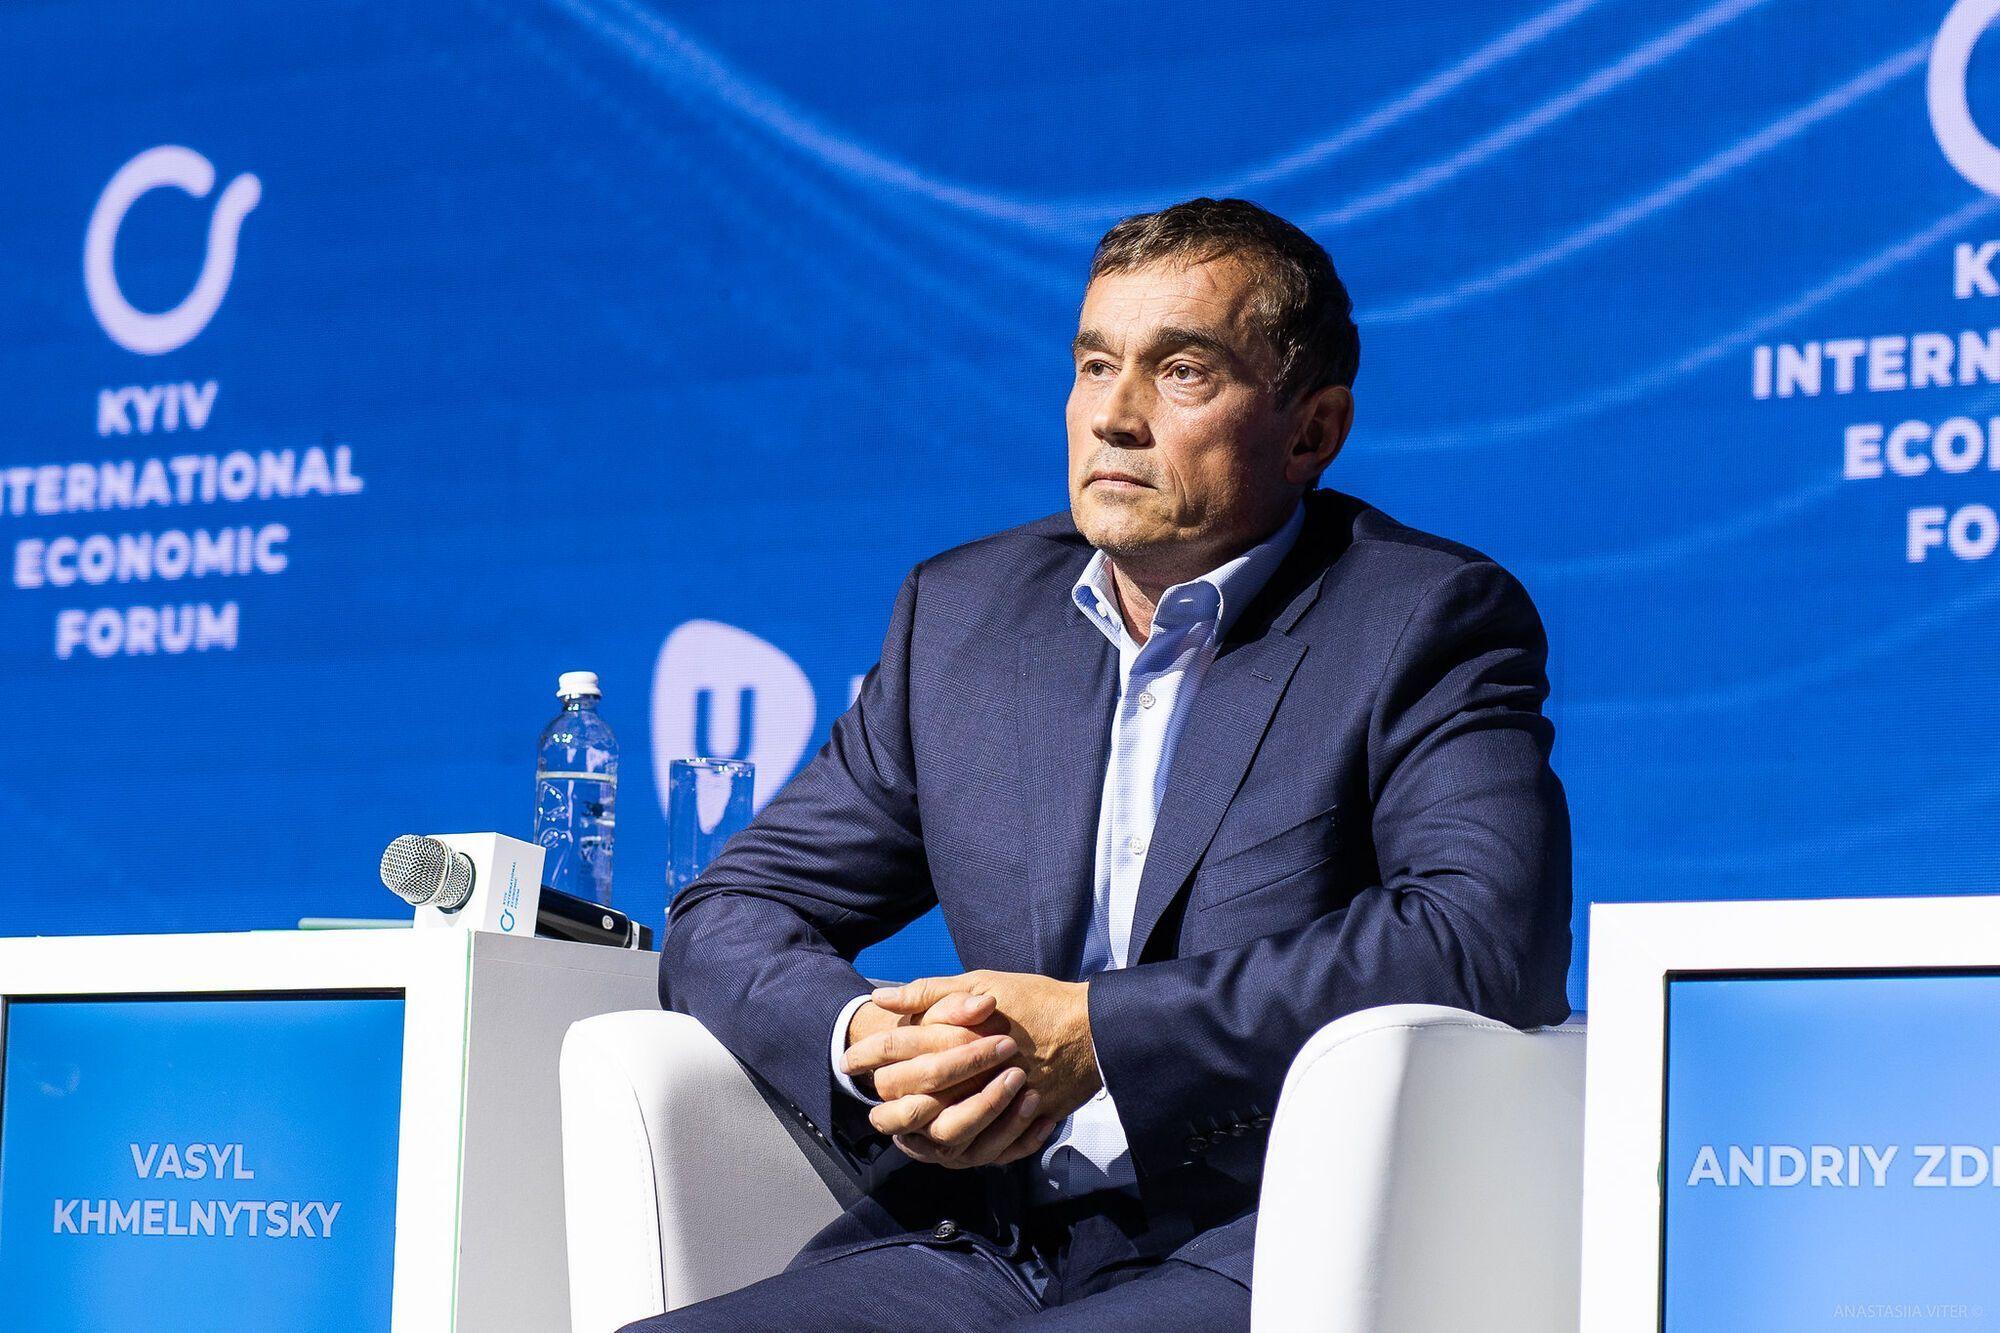 Василий Хмельницкий, инициатор КМЭФ и глава холдинговой компании Ufuture